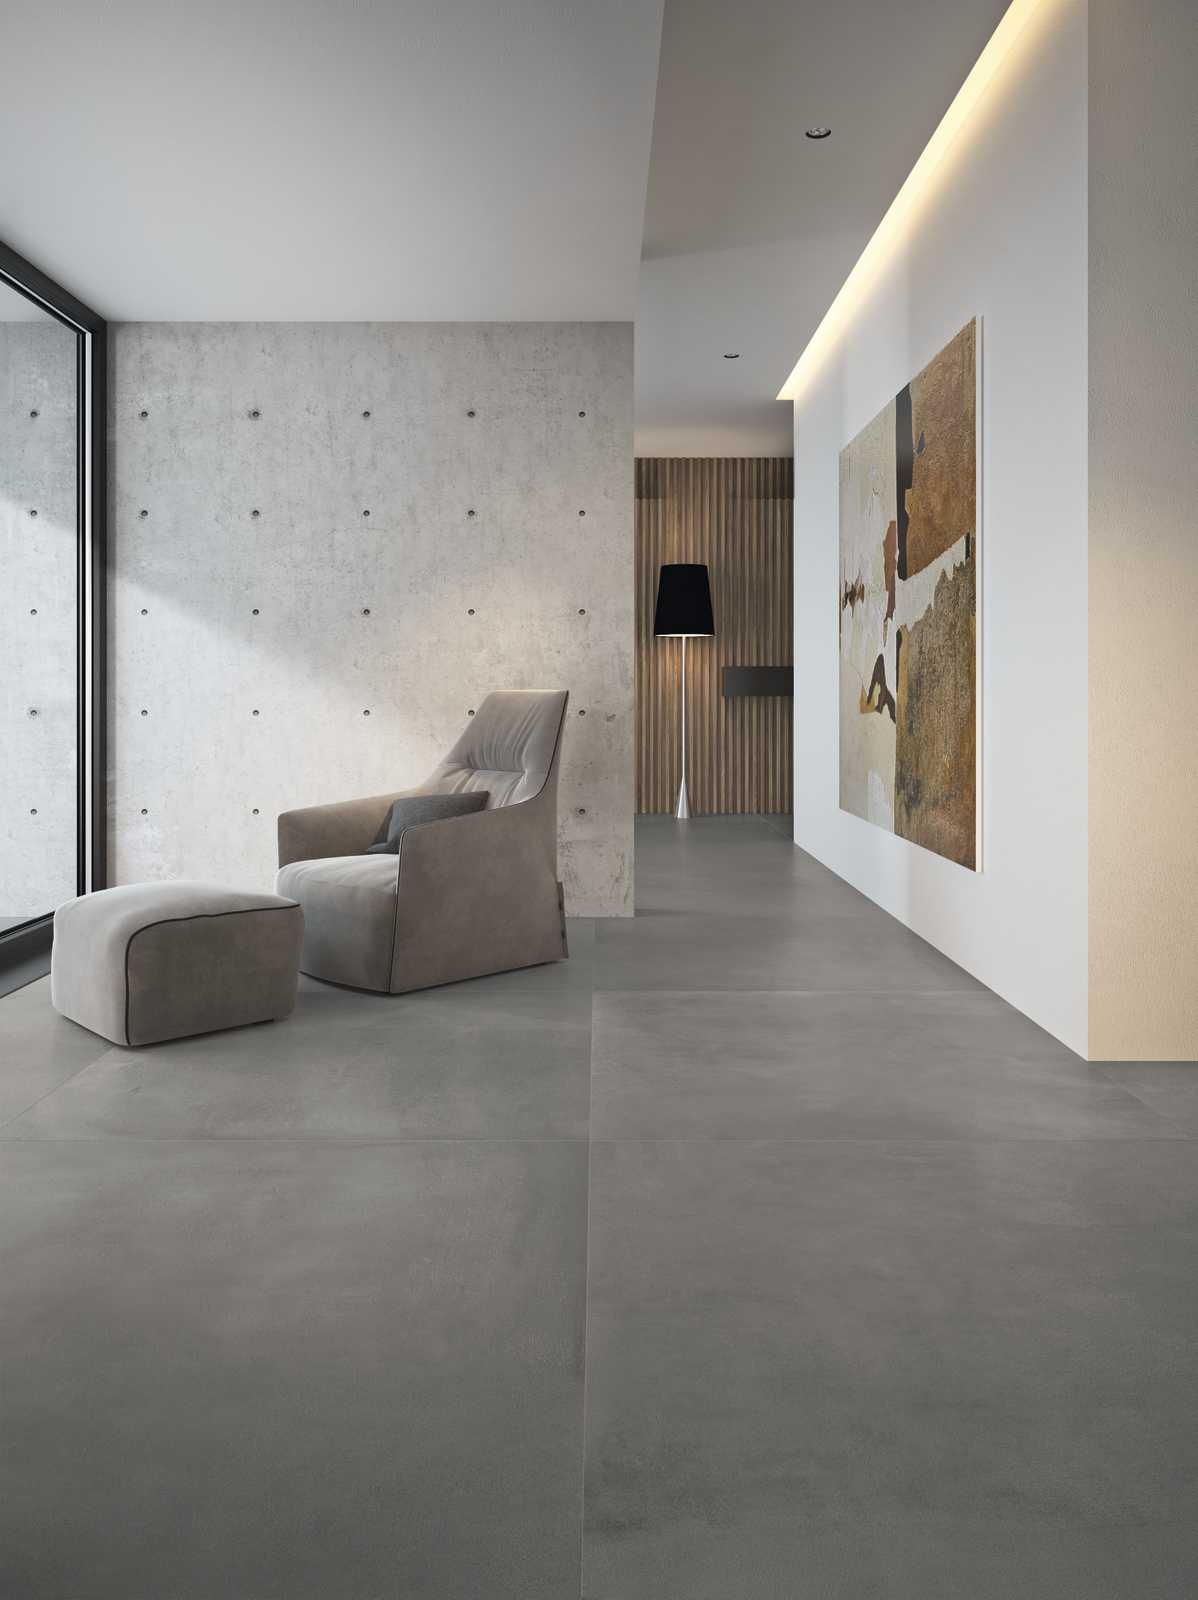 Piastrelle pavimento le idee per la tua casa marazzi - Pavimento per casa ...